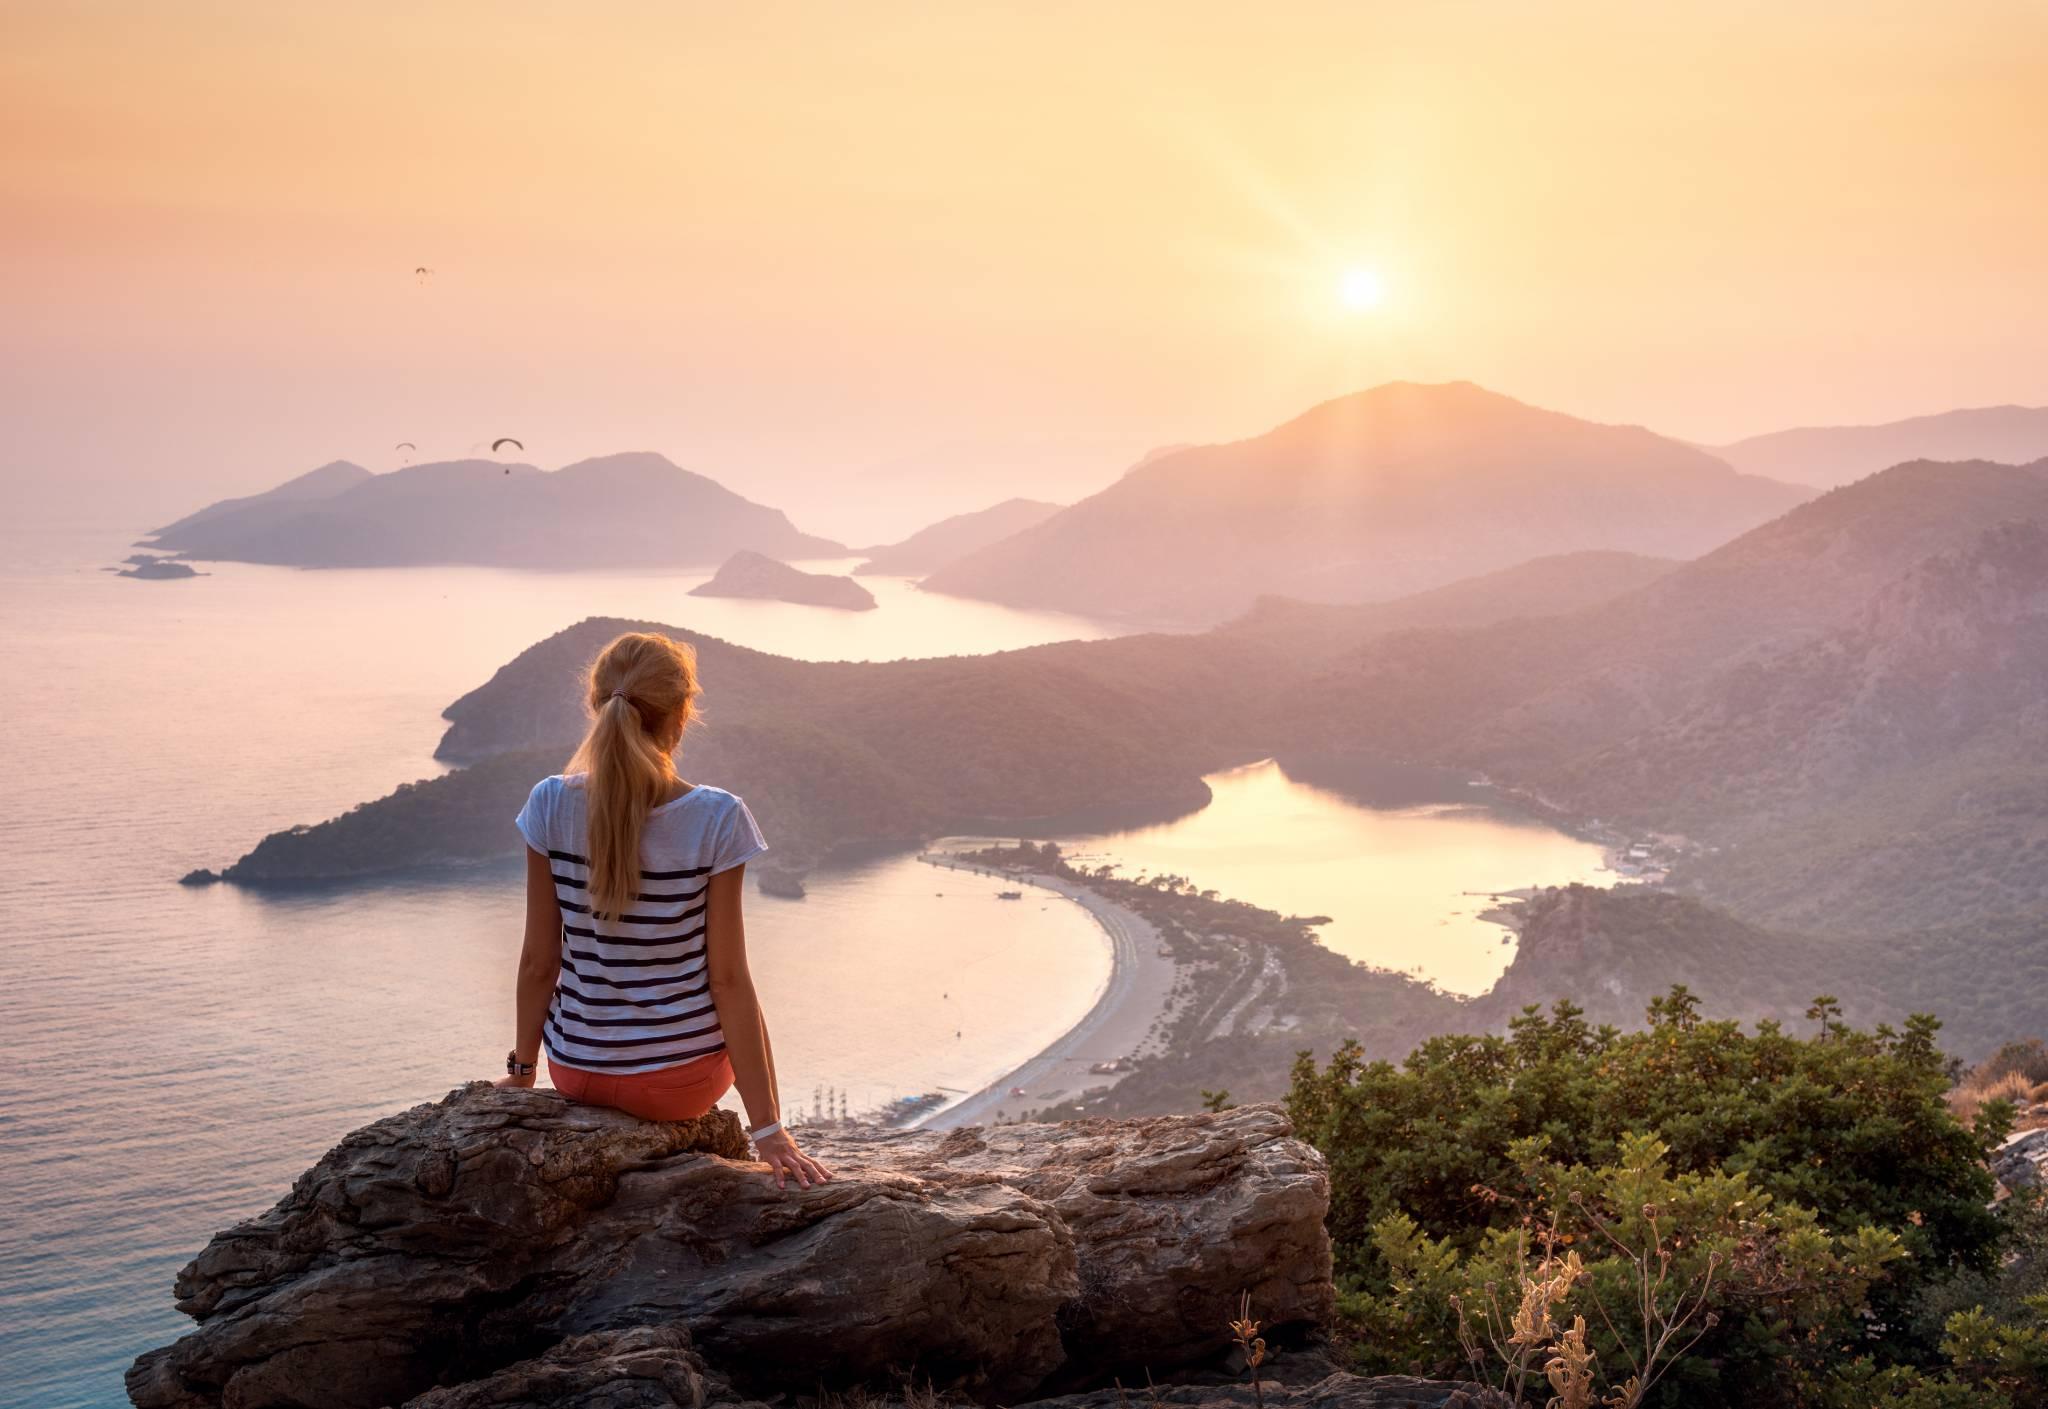 Solo przez świat, czyli jak podróżować samotnie?